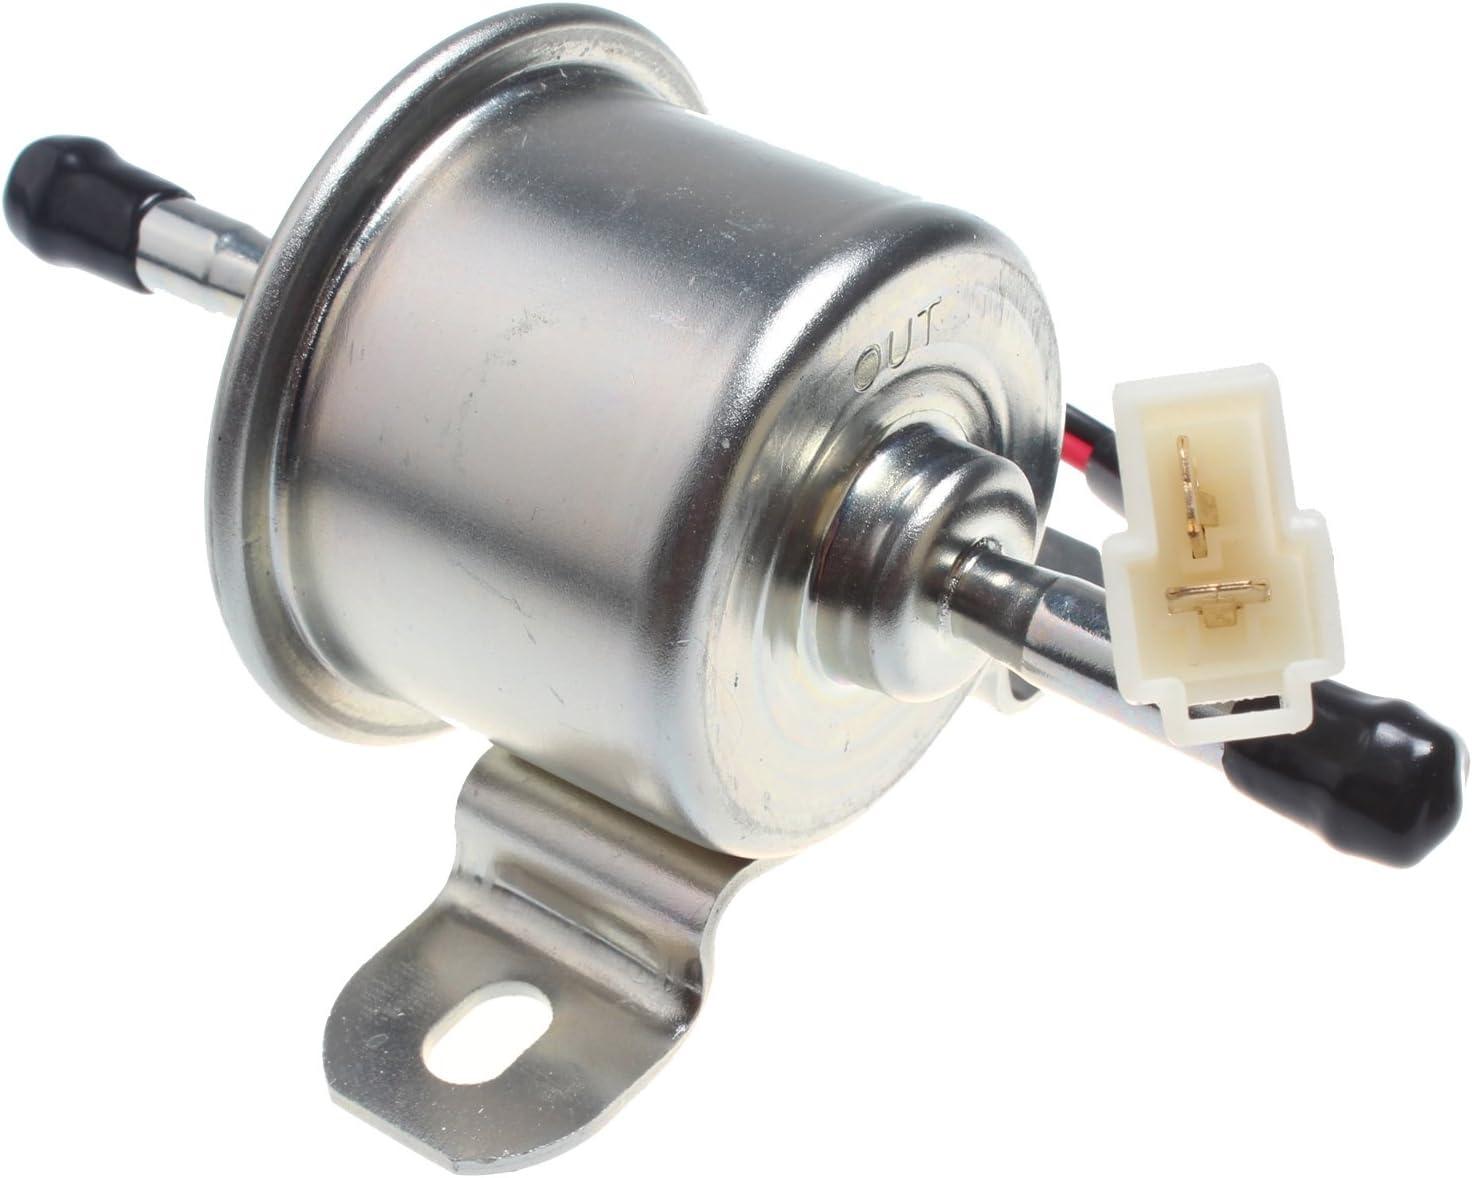 Fuel Injector Assy for Kubota ZD18 ZD18F ZD21 ZD21F ZD221 ZD321 ZD321N ZD323